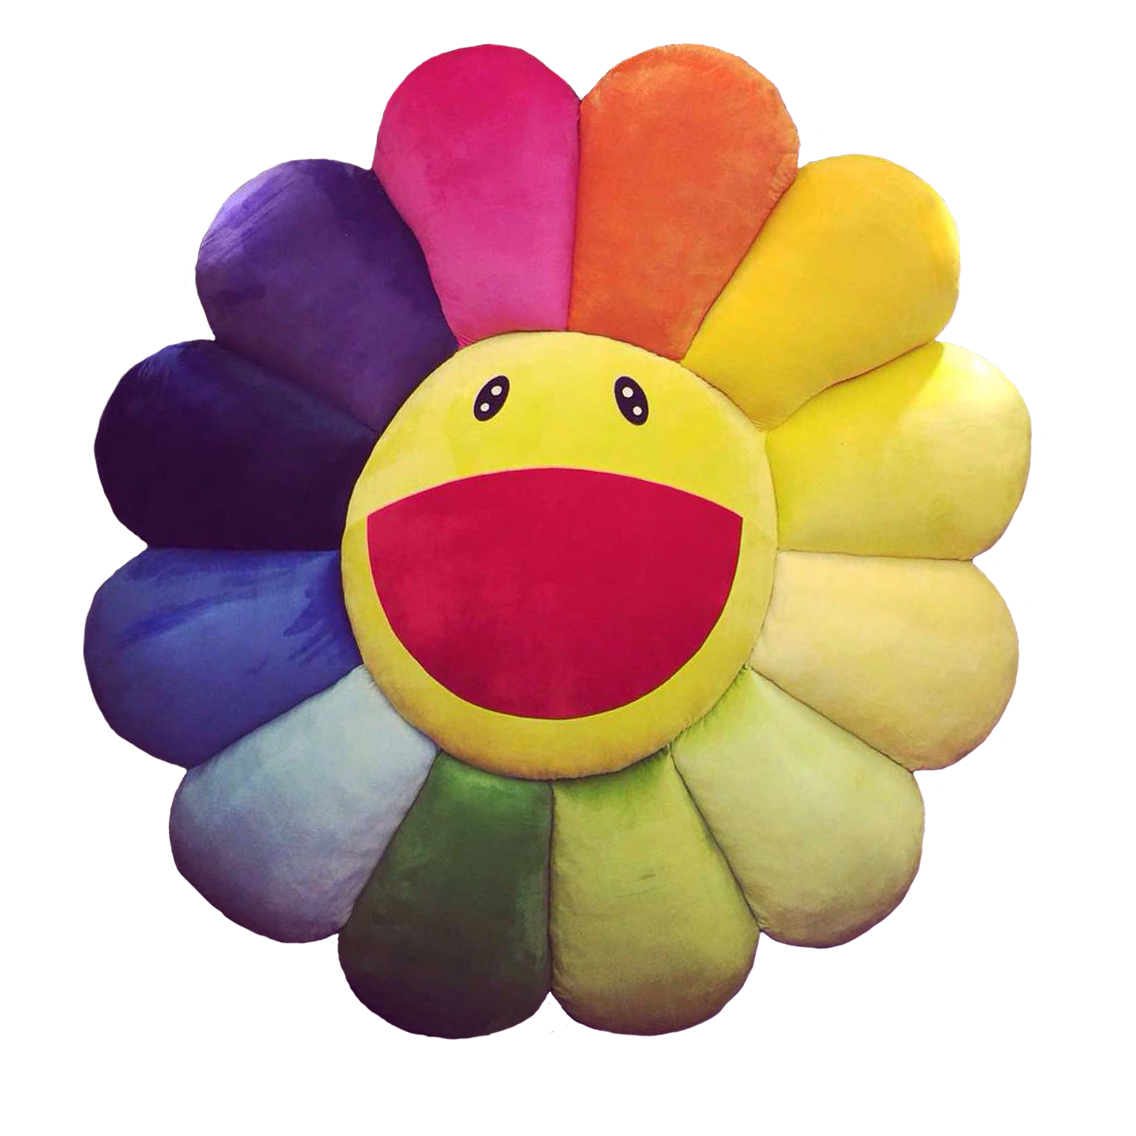 Gd одинаковый ins модель деревня на большой радуга солнце плюш личность творческий декоративный бездельник негабаритный подушка куклы